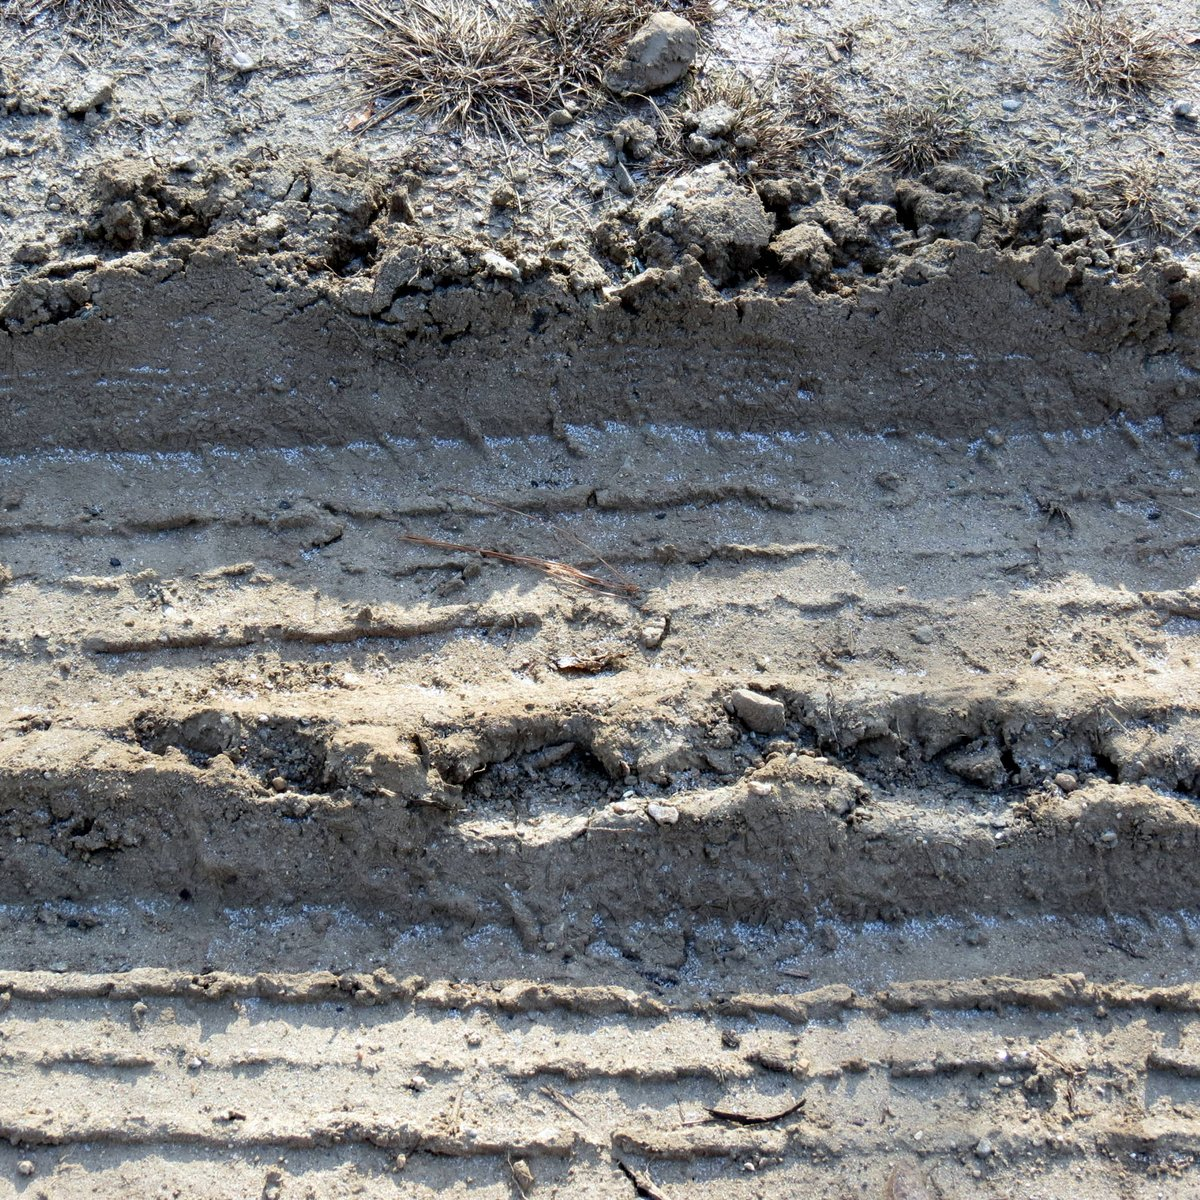 7. Mud